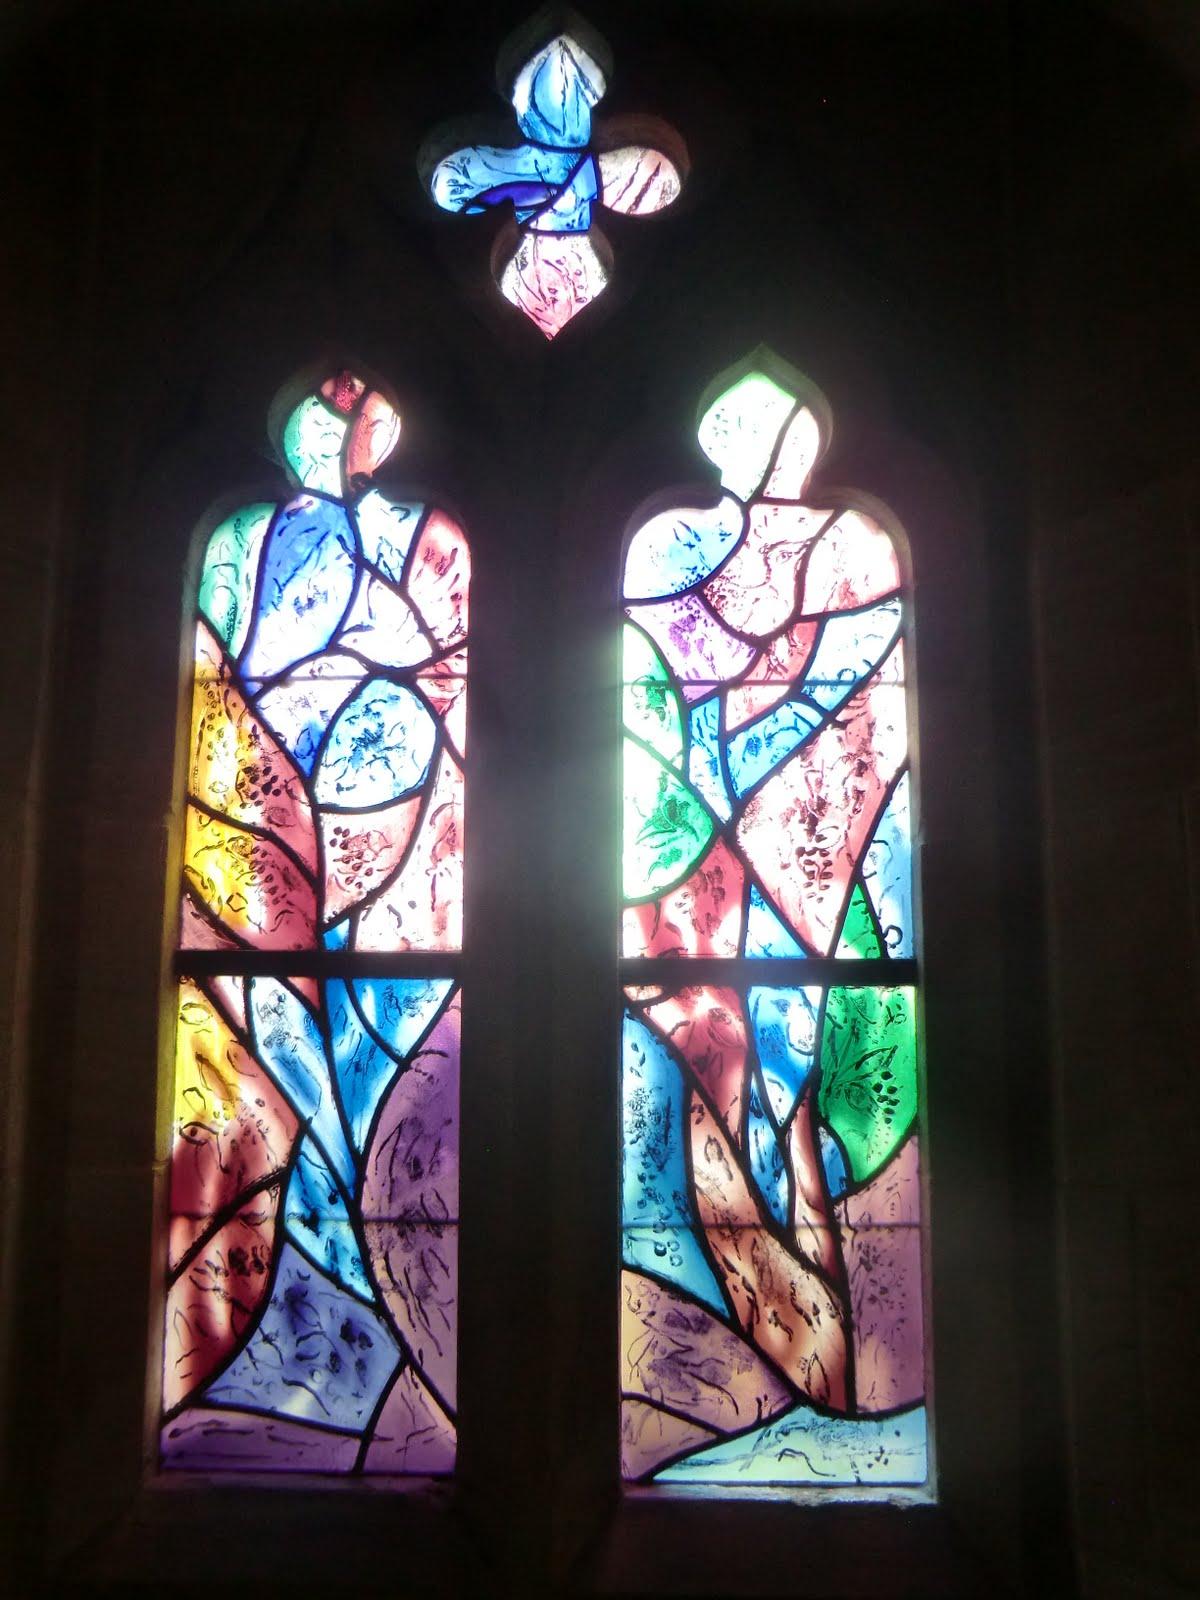 CIMG1563 Chagall window #5, All Saints church